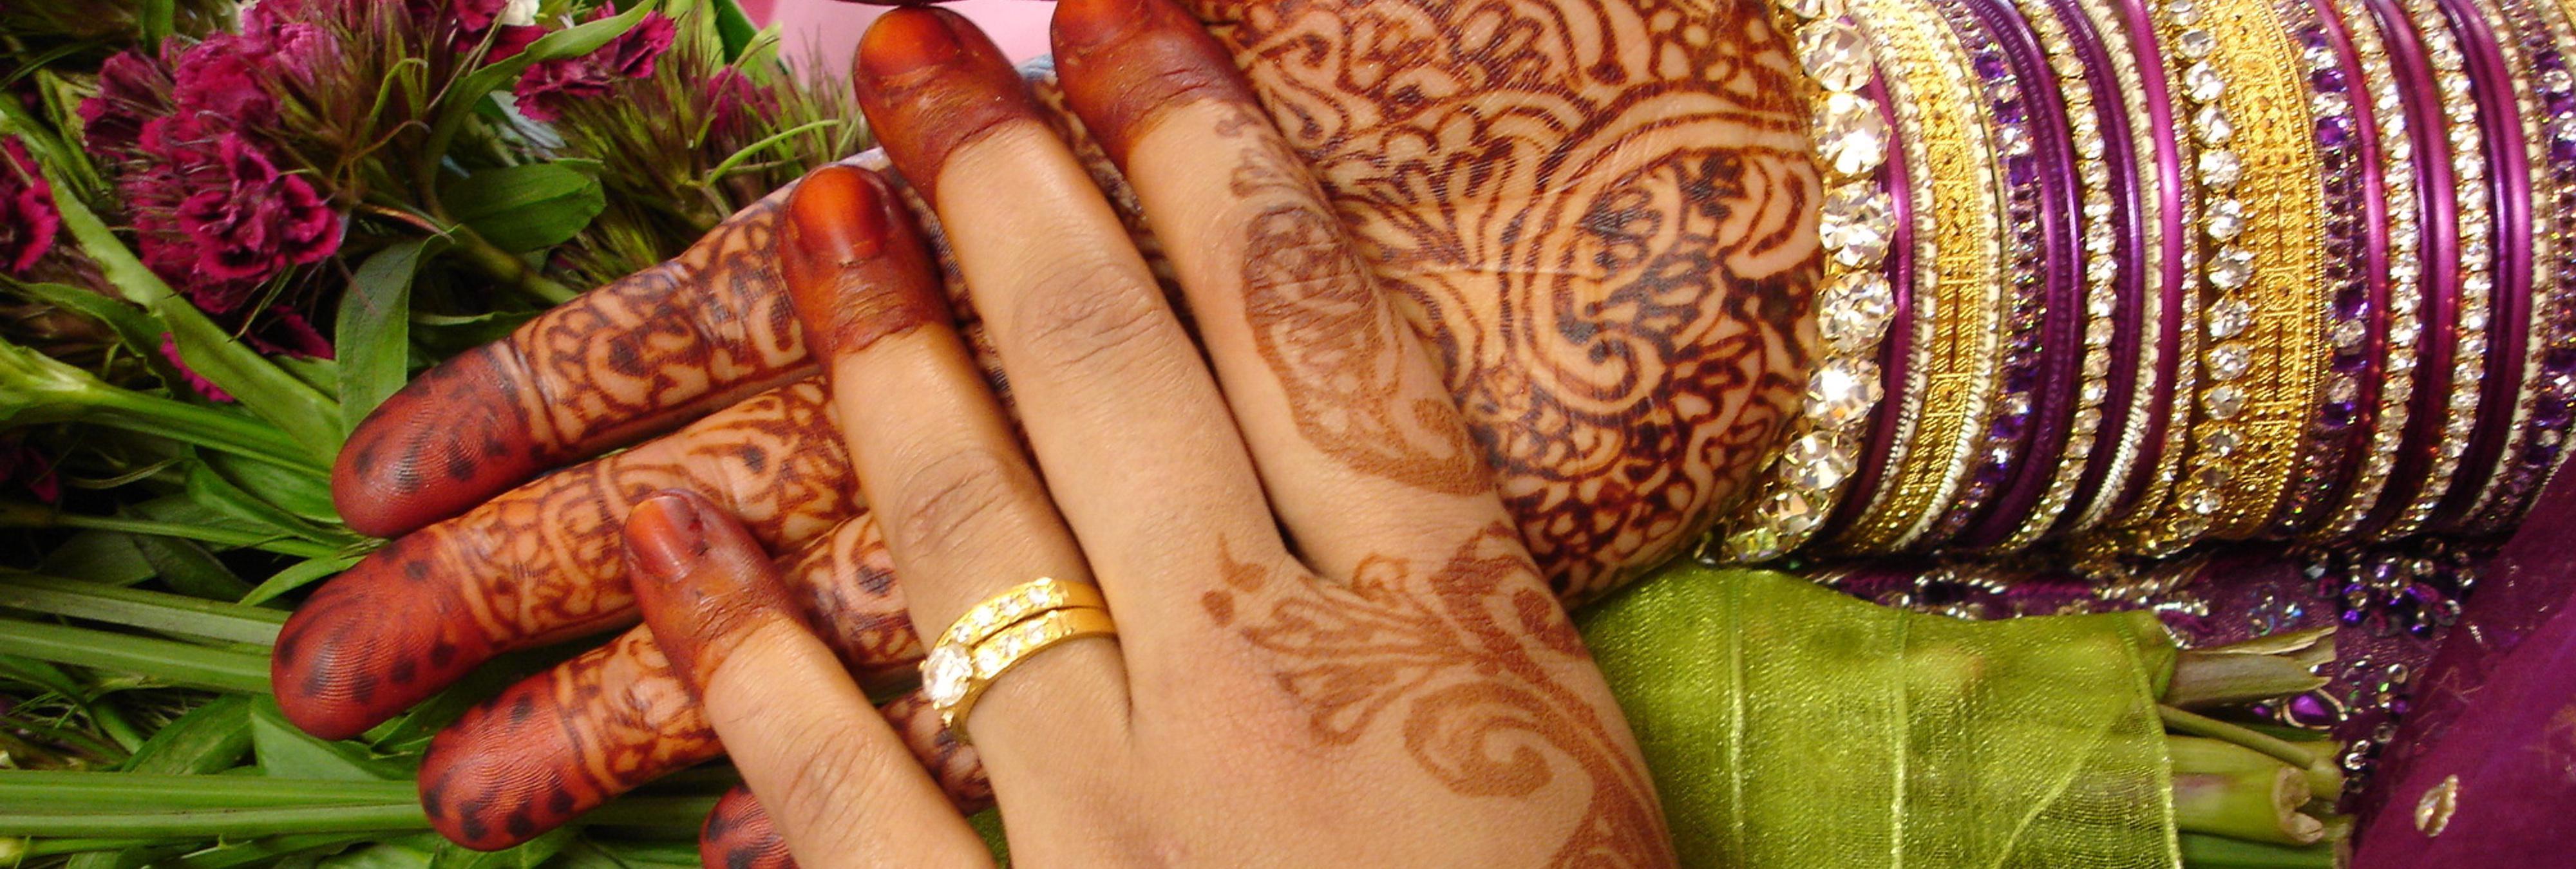 Una niña yemení de ocho años muere violada en su noche de bodas